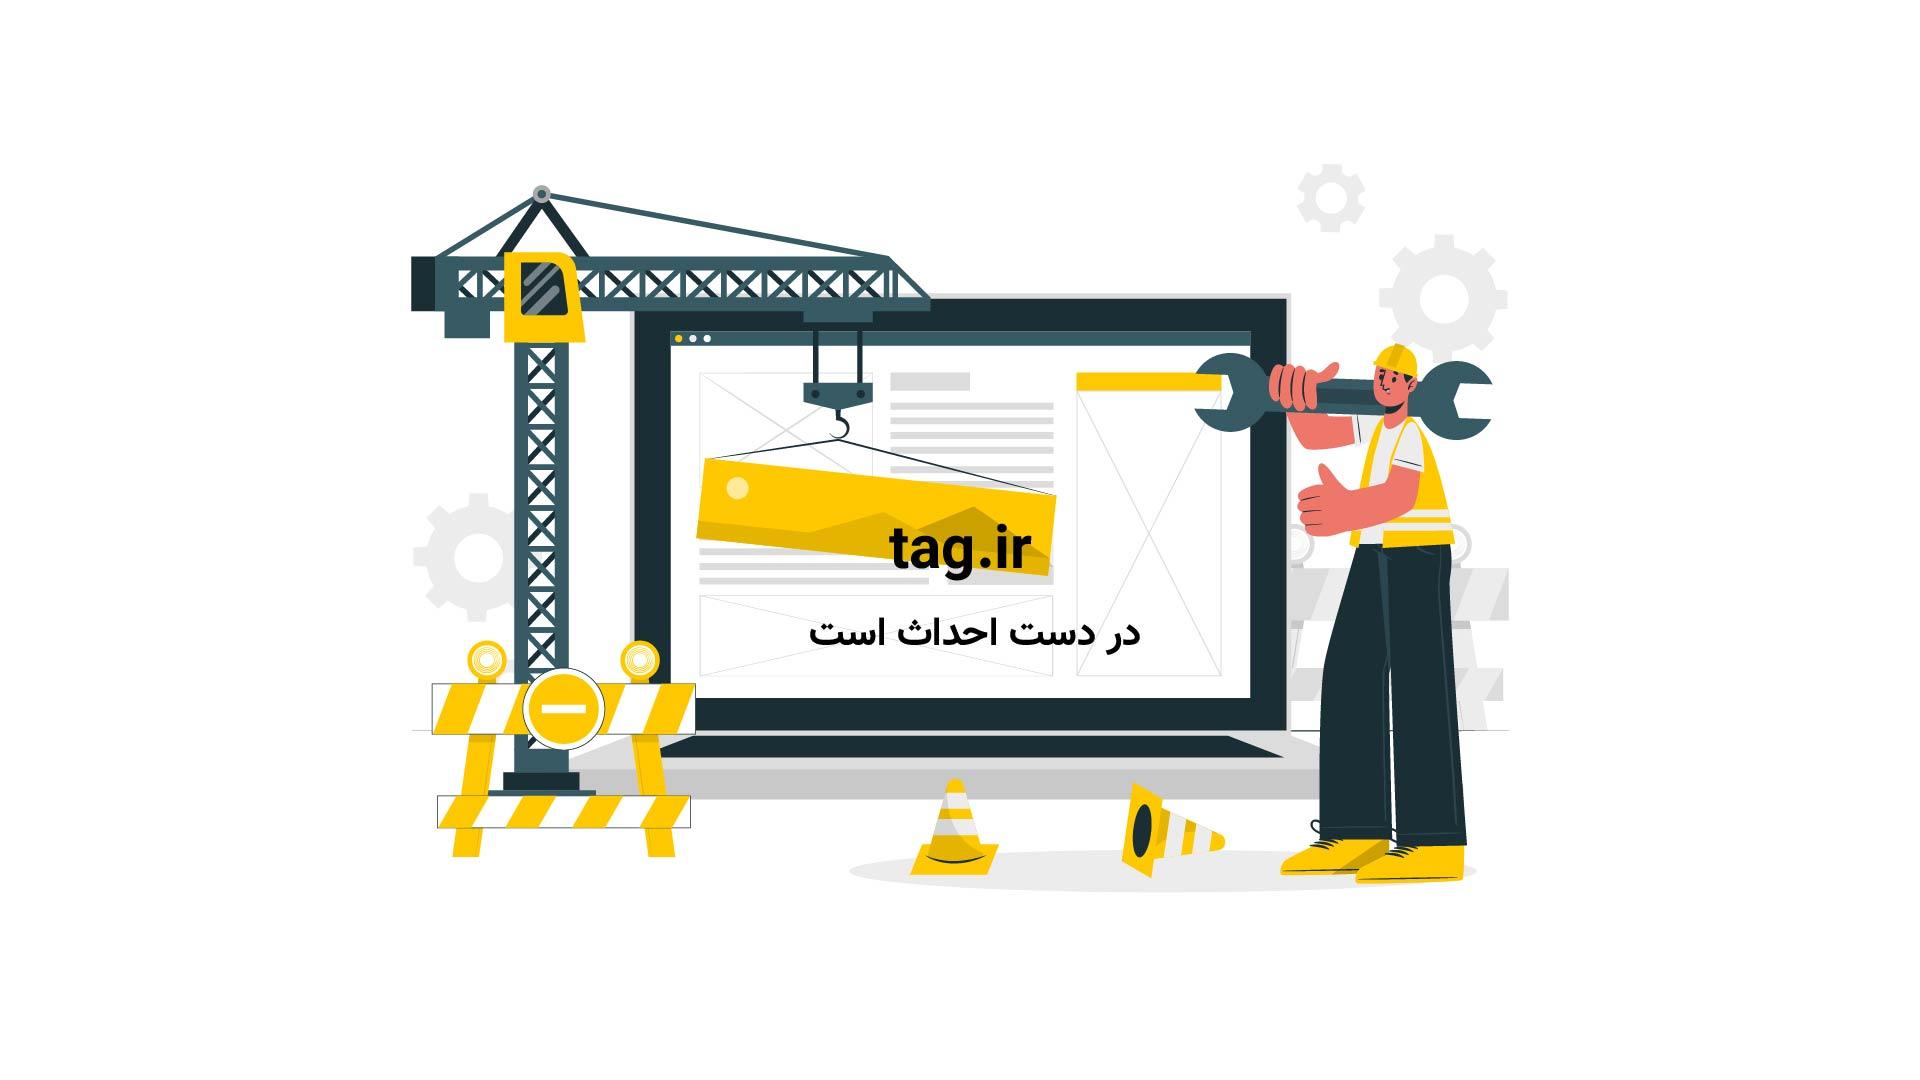 کارتون عکس العمل بازیکنان نسبت به امتیازات در فیفا 17